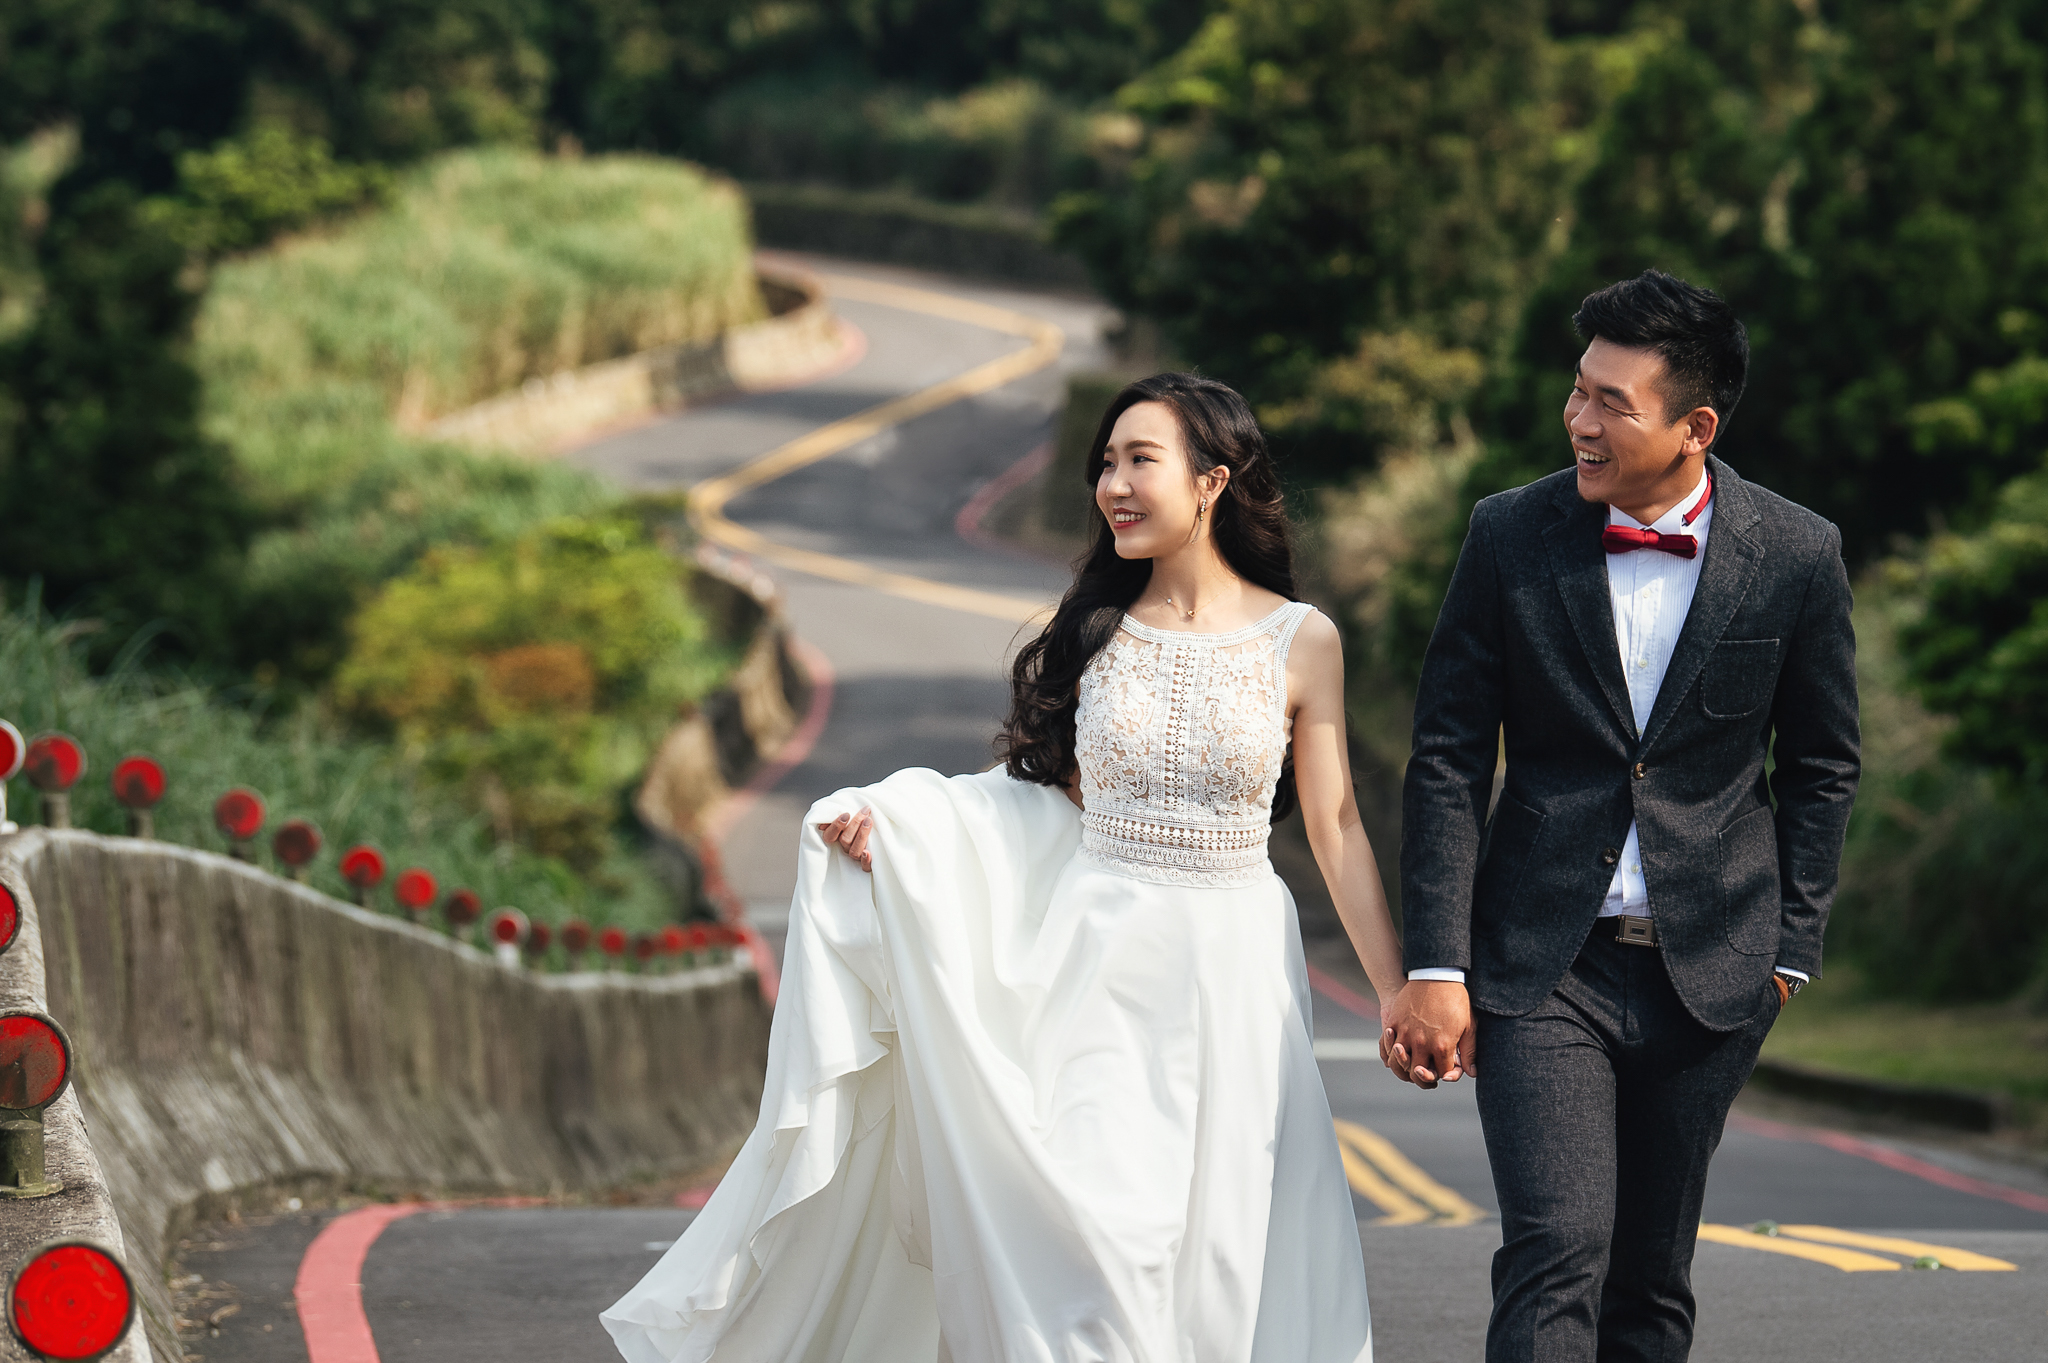 自助婚紗 婚紗包套 EASTERN WEDDING 婚攝小亮 清新明亮 自然 生活 浪漫唯美 美式